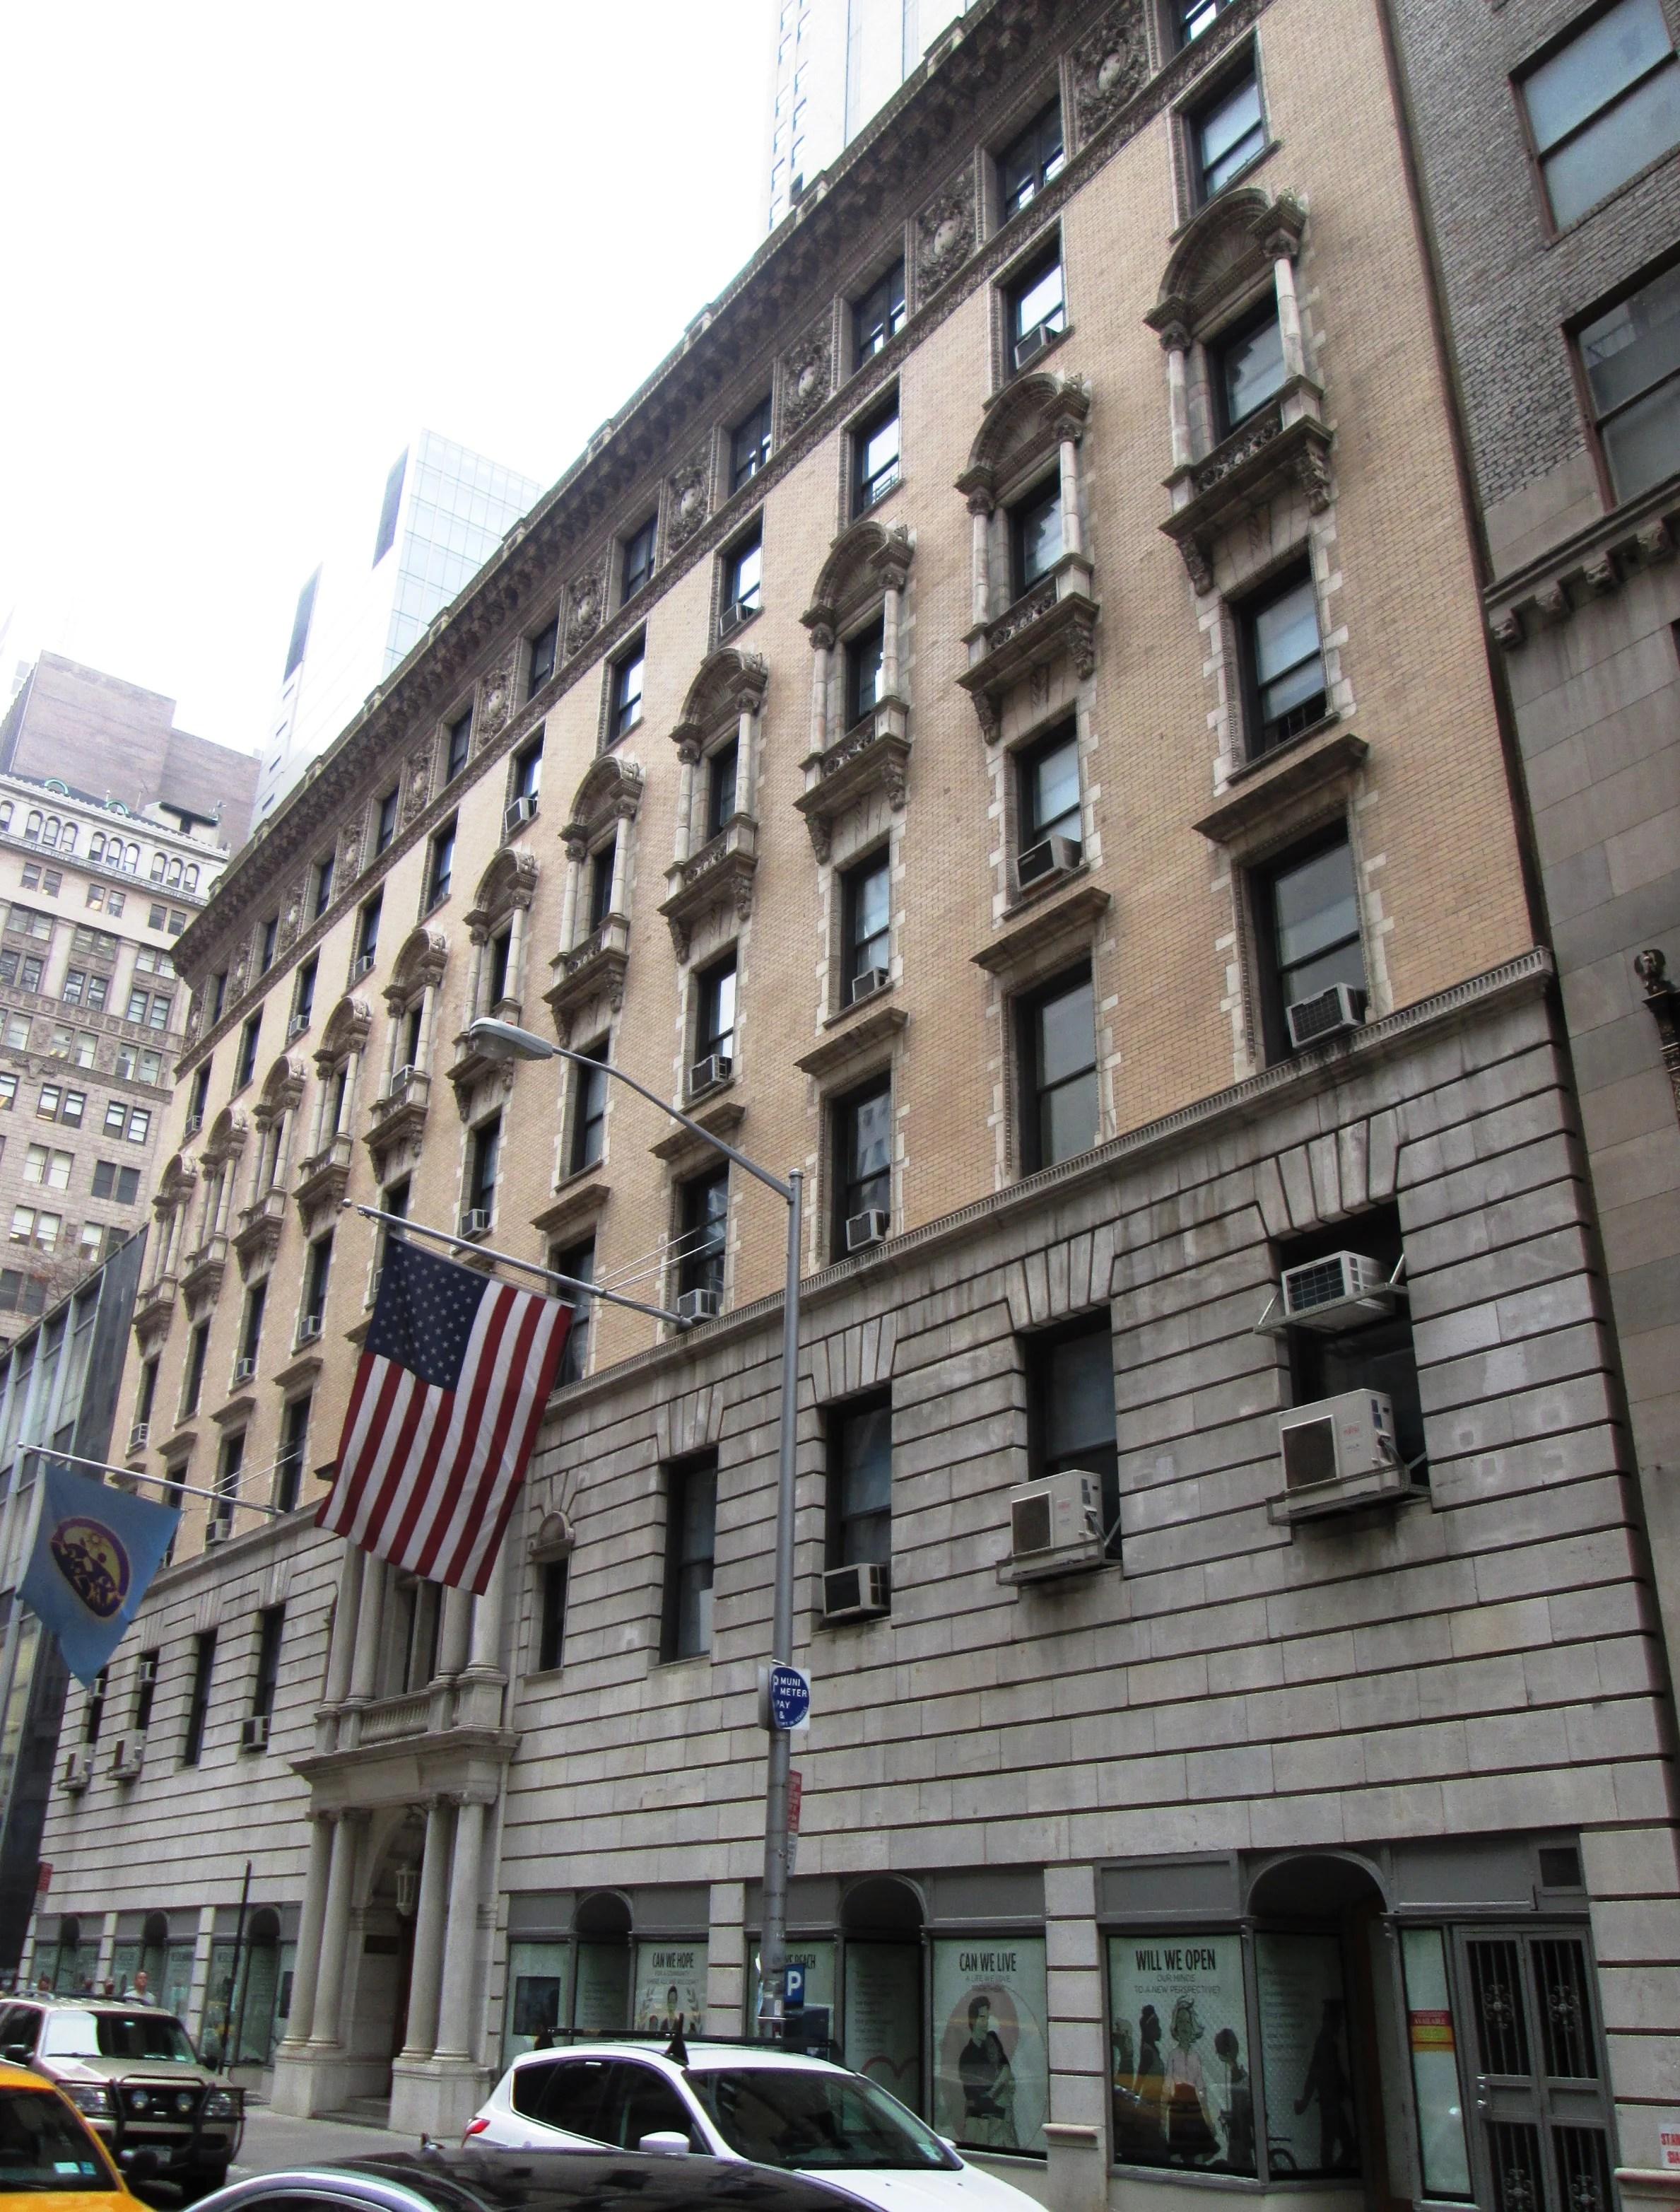 w 43rd st new york ny 10036 usa usa